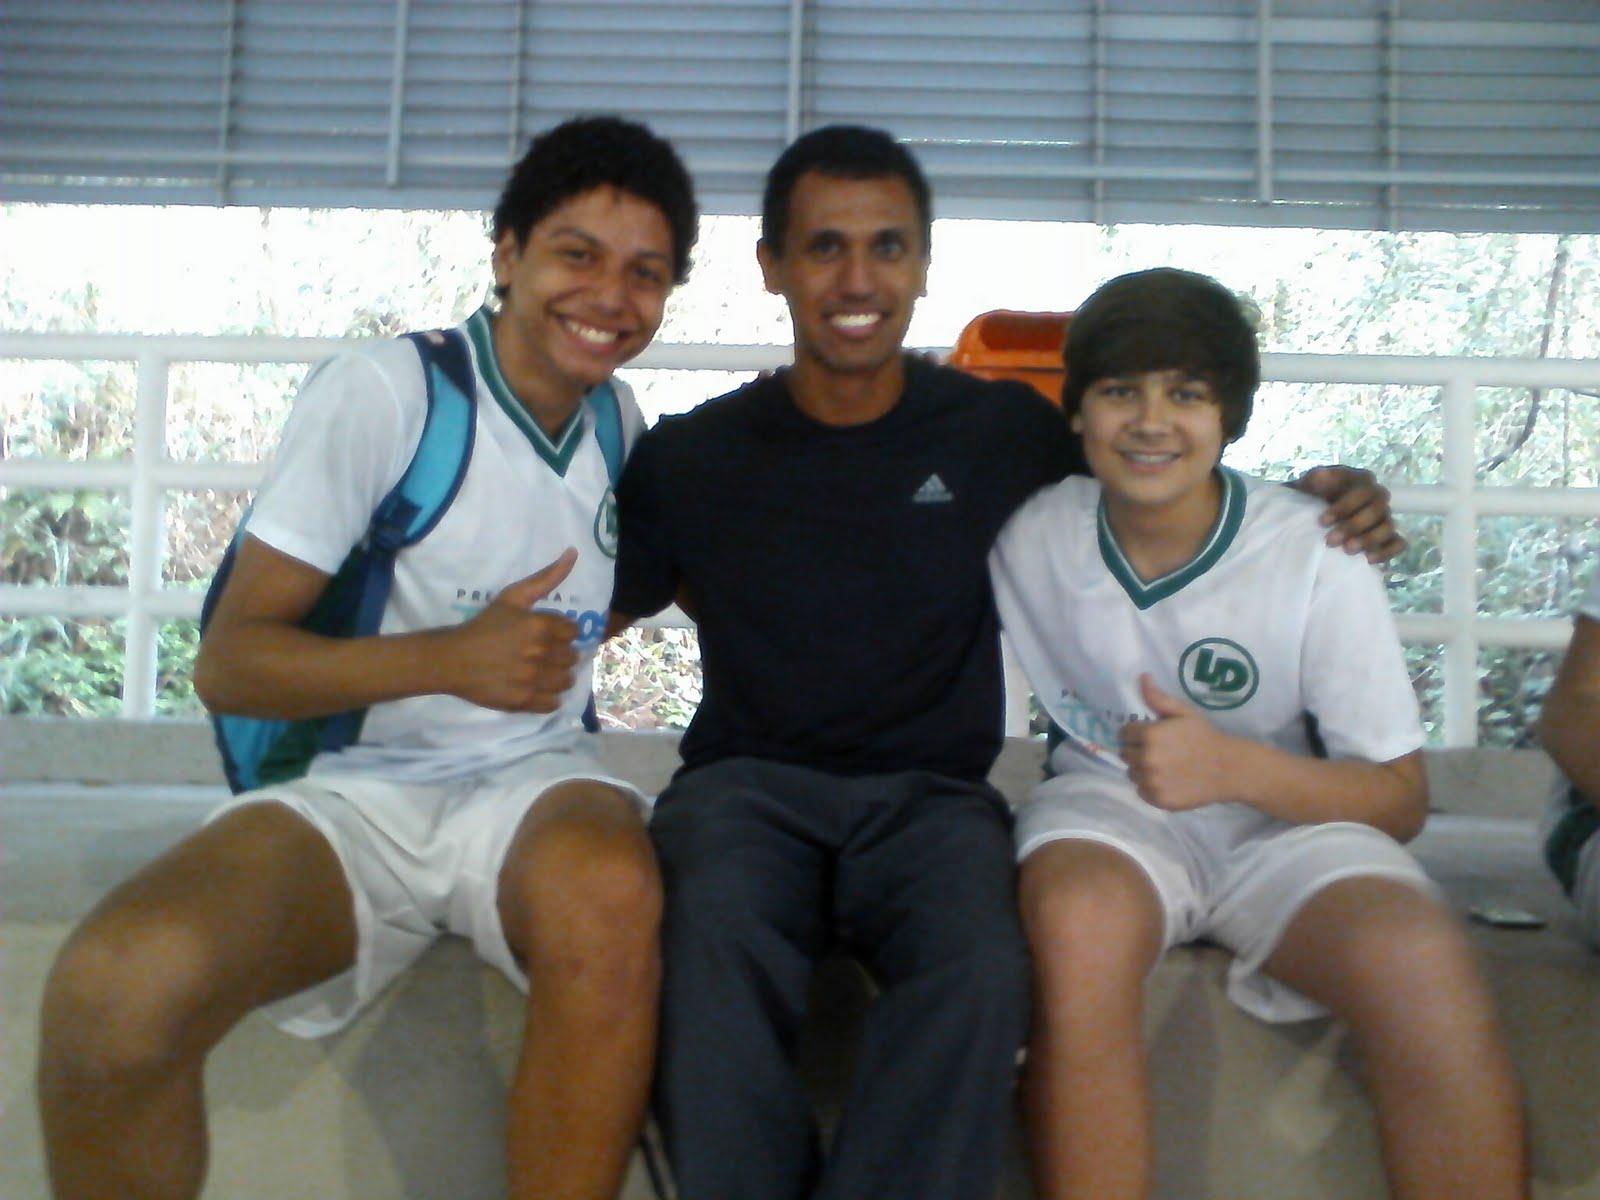 Atletas de Três Rios são destaques e campeões da Copa Minas Tênis Clube 6ee58255c914c